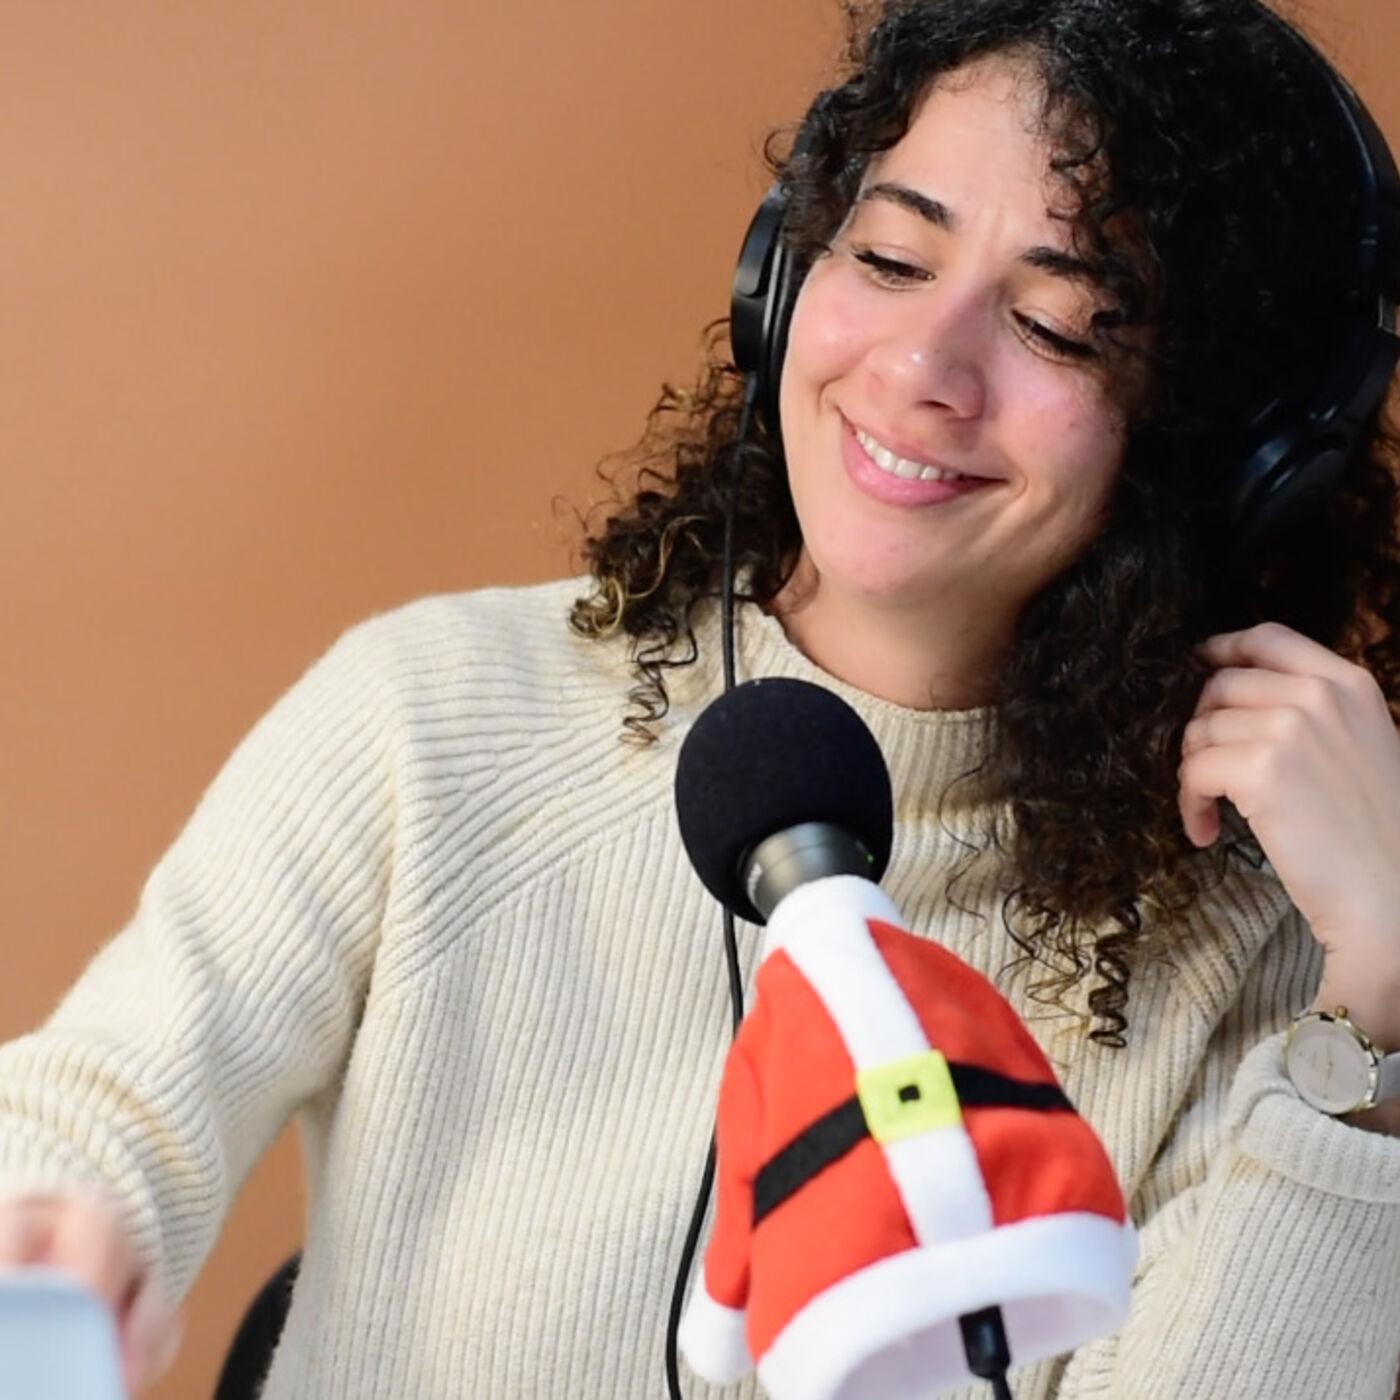 47º As melhores sugestões de podcasts em 2020, por Amália Carvalho